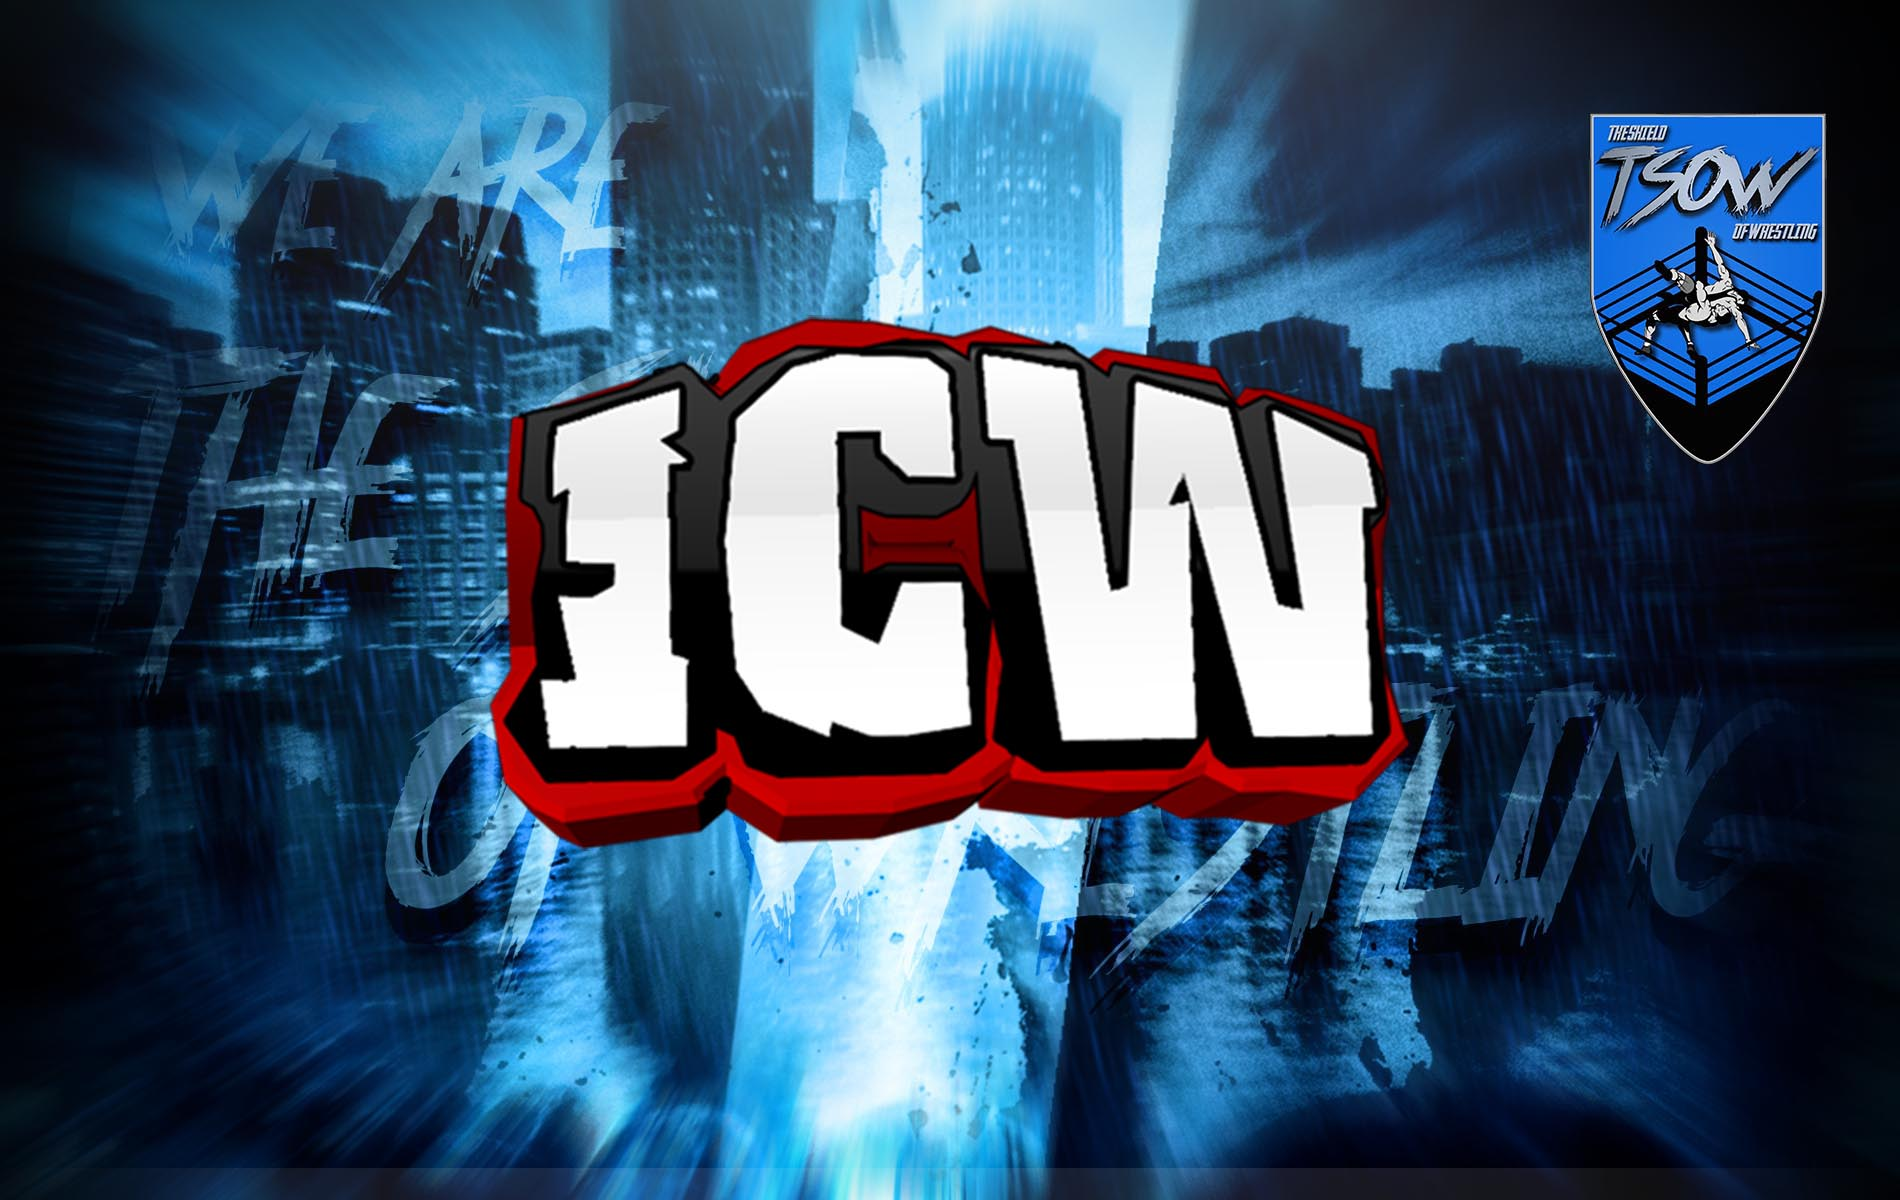 ICW: comunicato ufficiale dopo le accuse ai wrestler